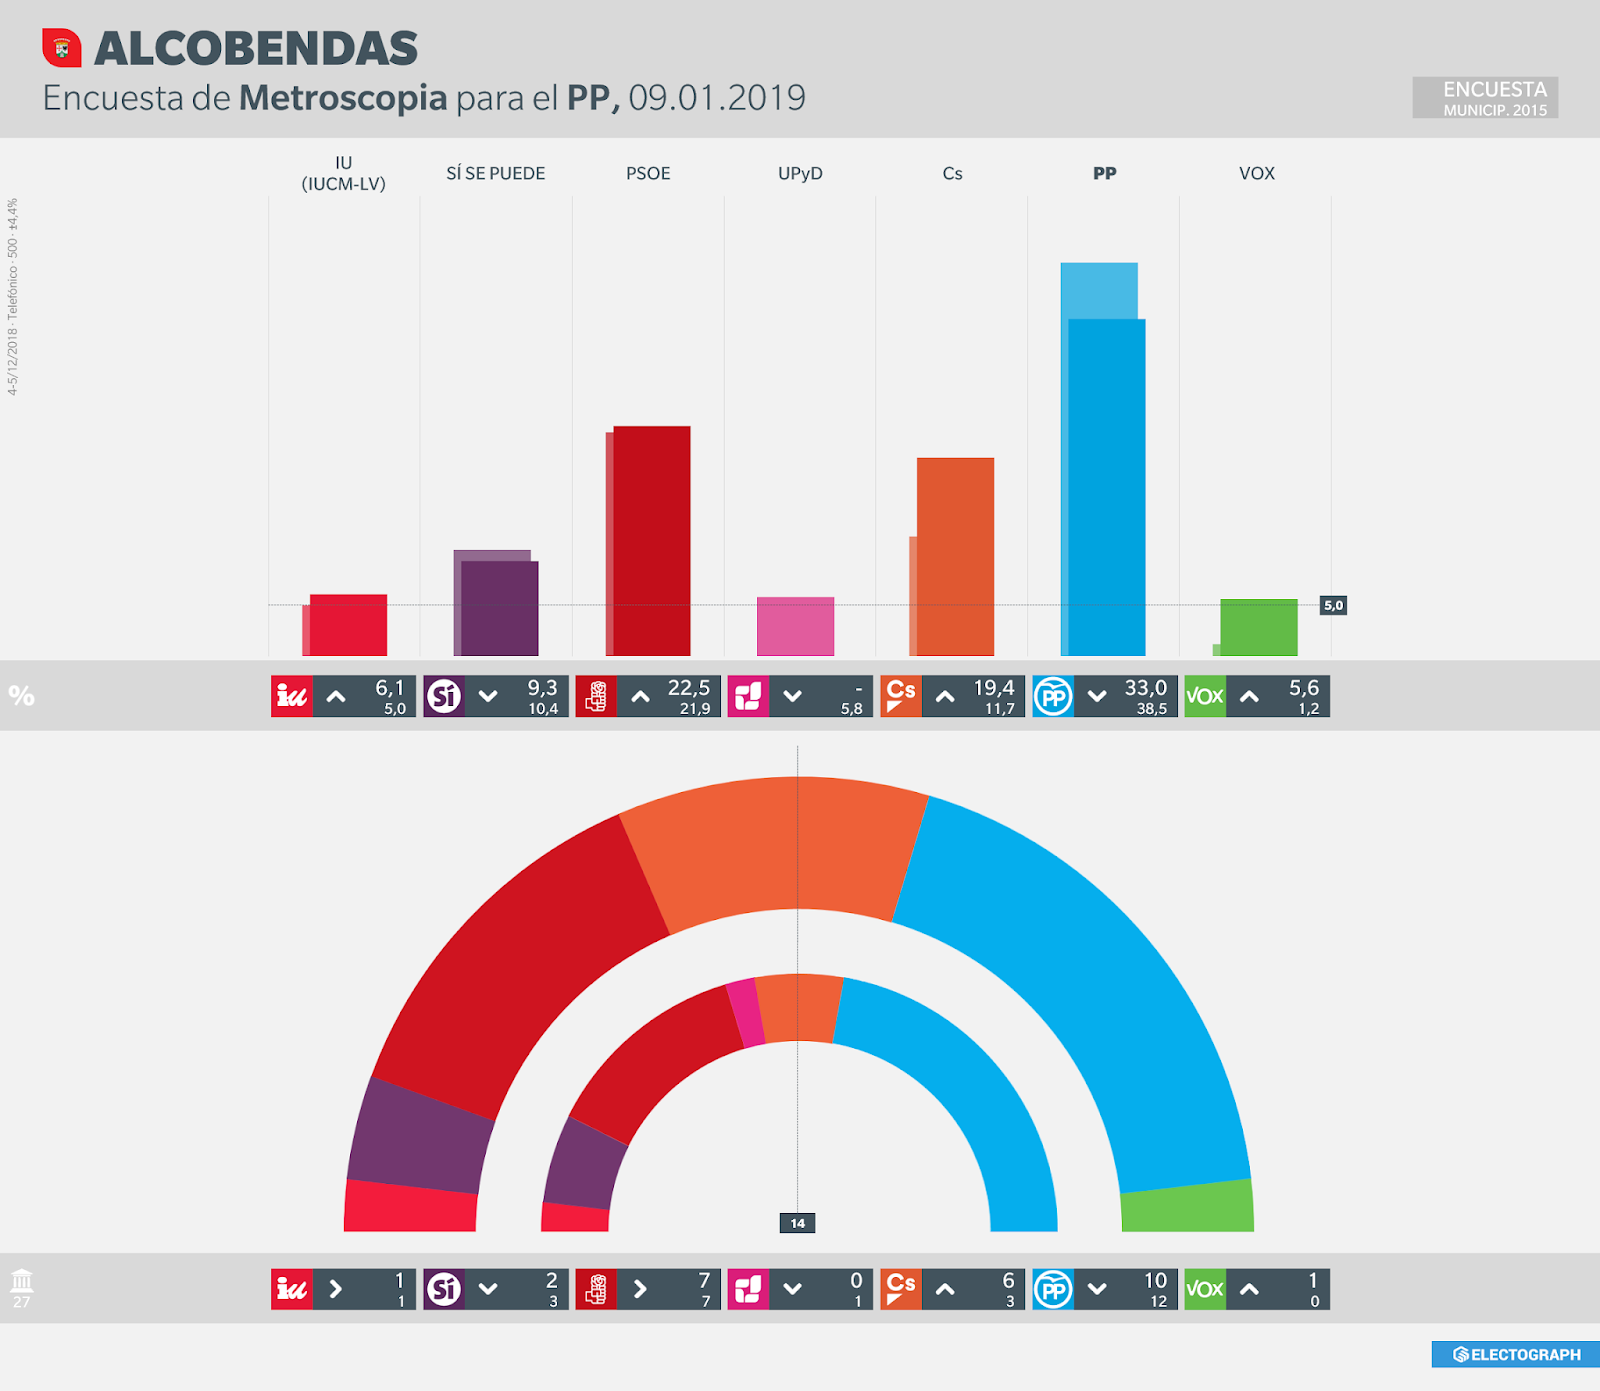 Gráfico de la encuesta para elecciones municipales en Alcobendas realizada por Metroscopia para el PP, 9 de enero de 2019